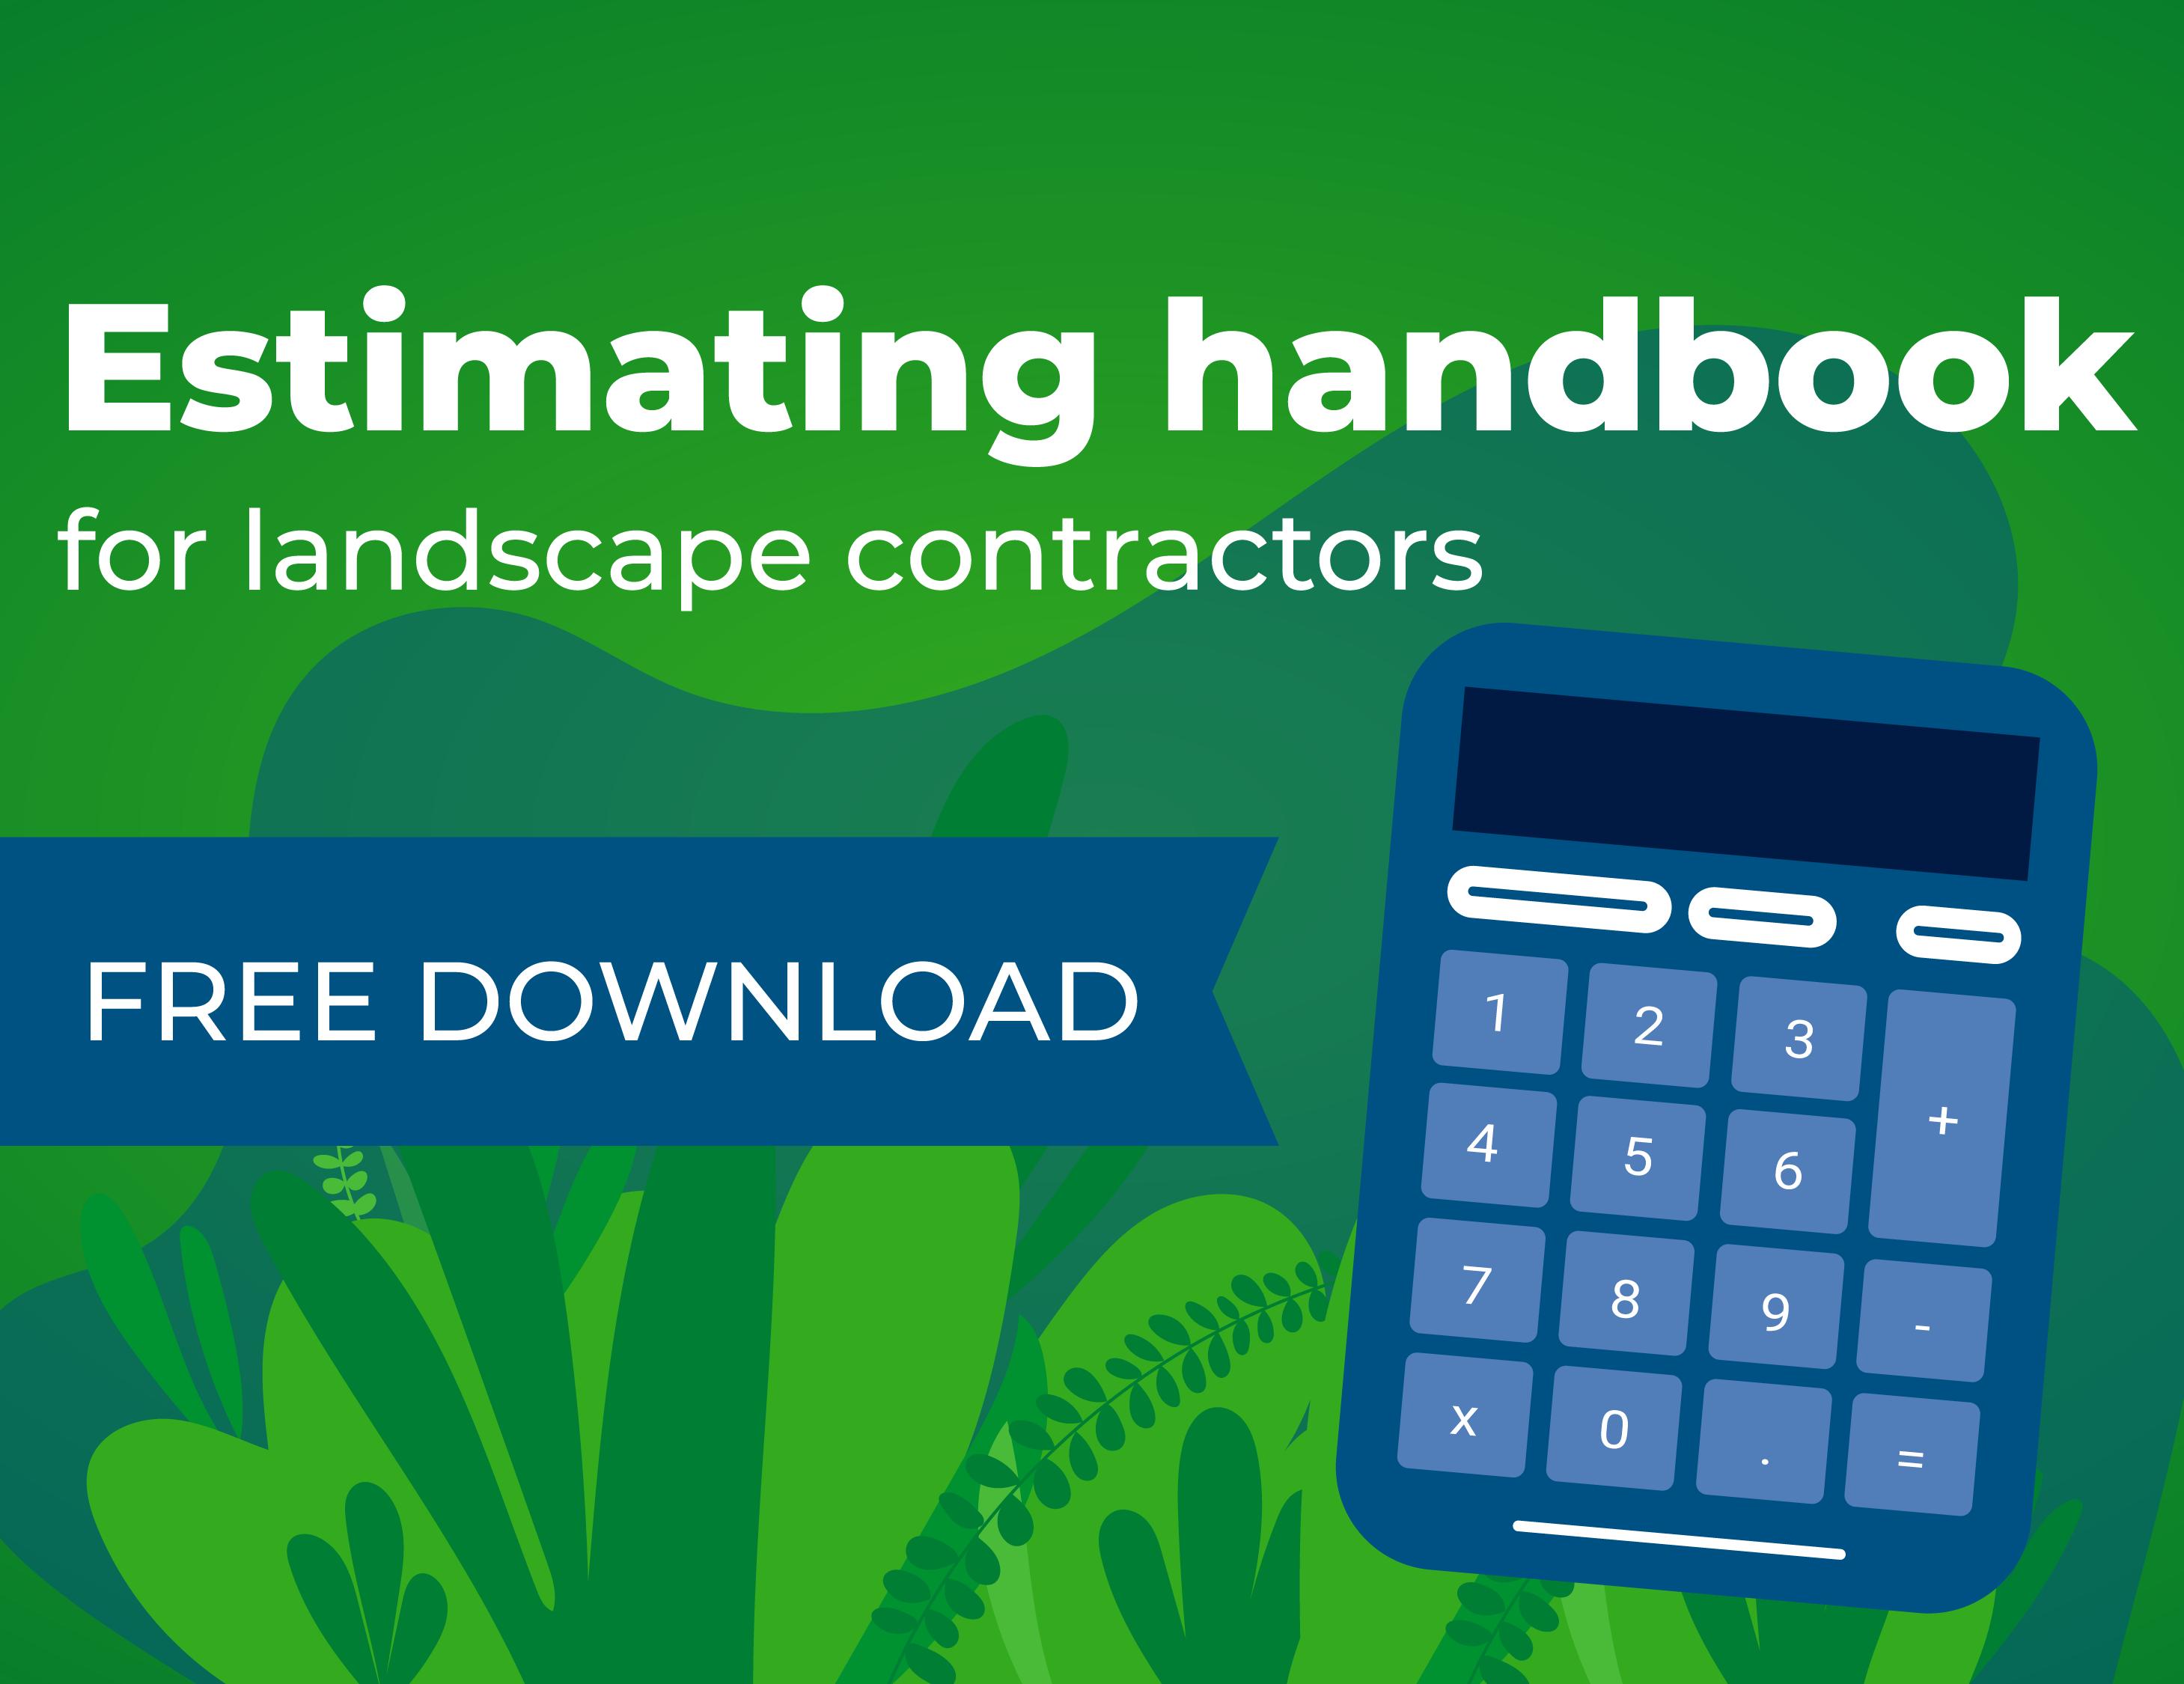 Estimating handbook for landscape contractors